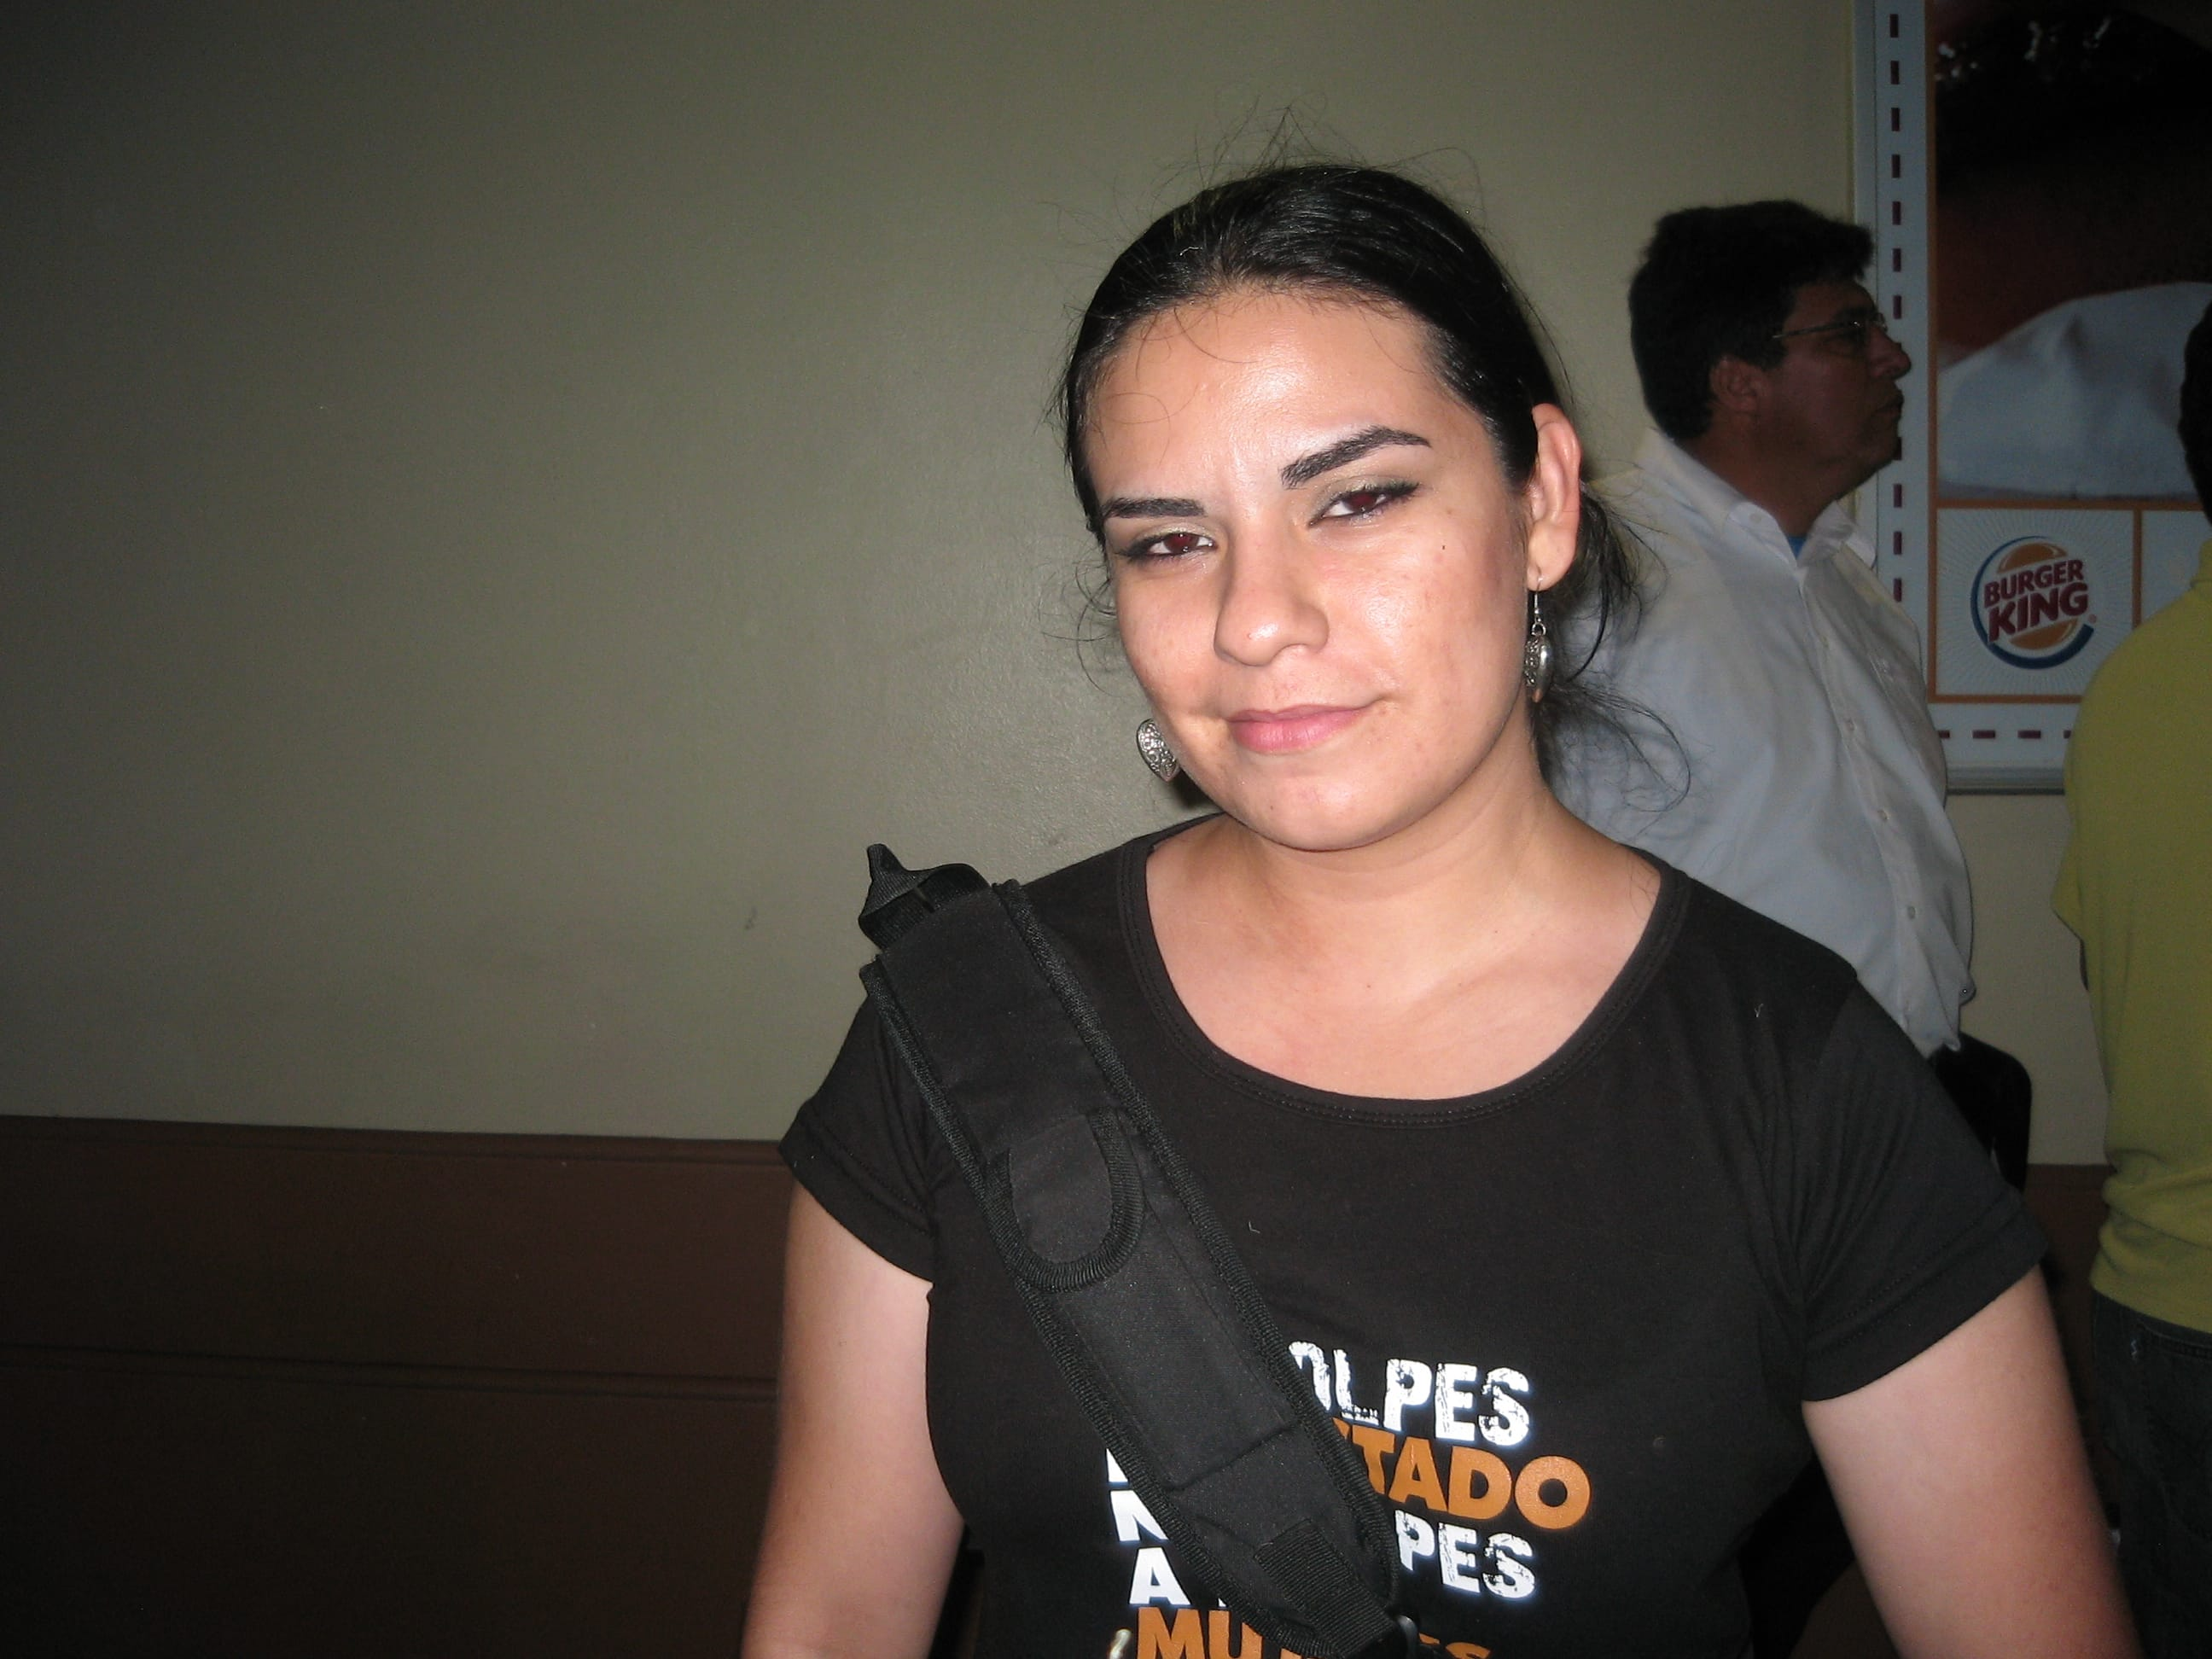 Brenda Villacorta